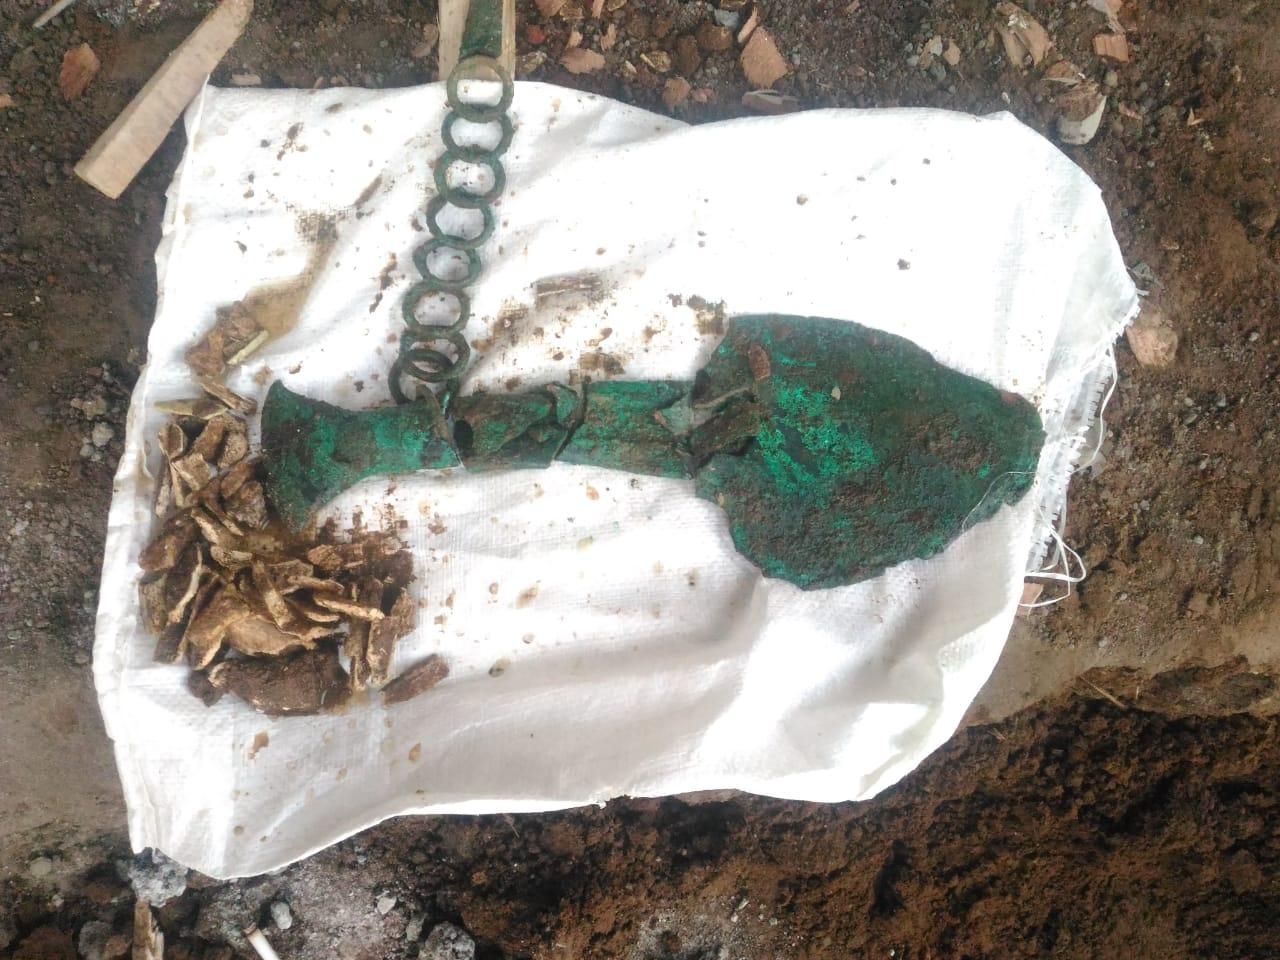 Foto: Tem7an benda kubur TULANG-BELULANG serta bekal kubur yang ditemulan pekerja proyek di Banjar Dauh Uma, Bitra, Gianyar. Foto: ist